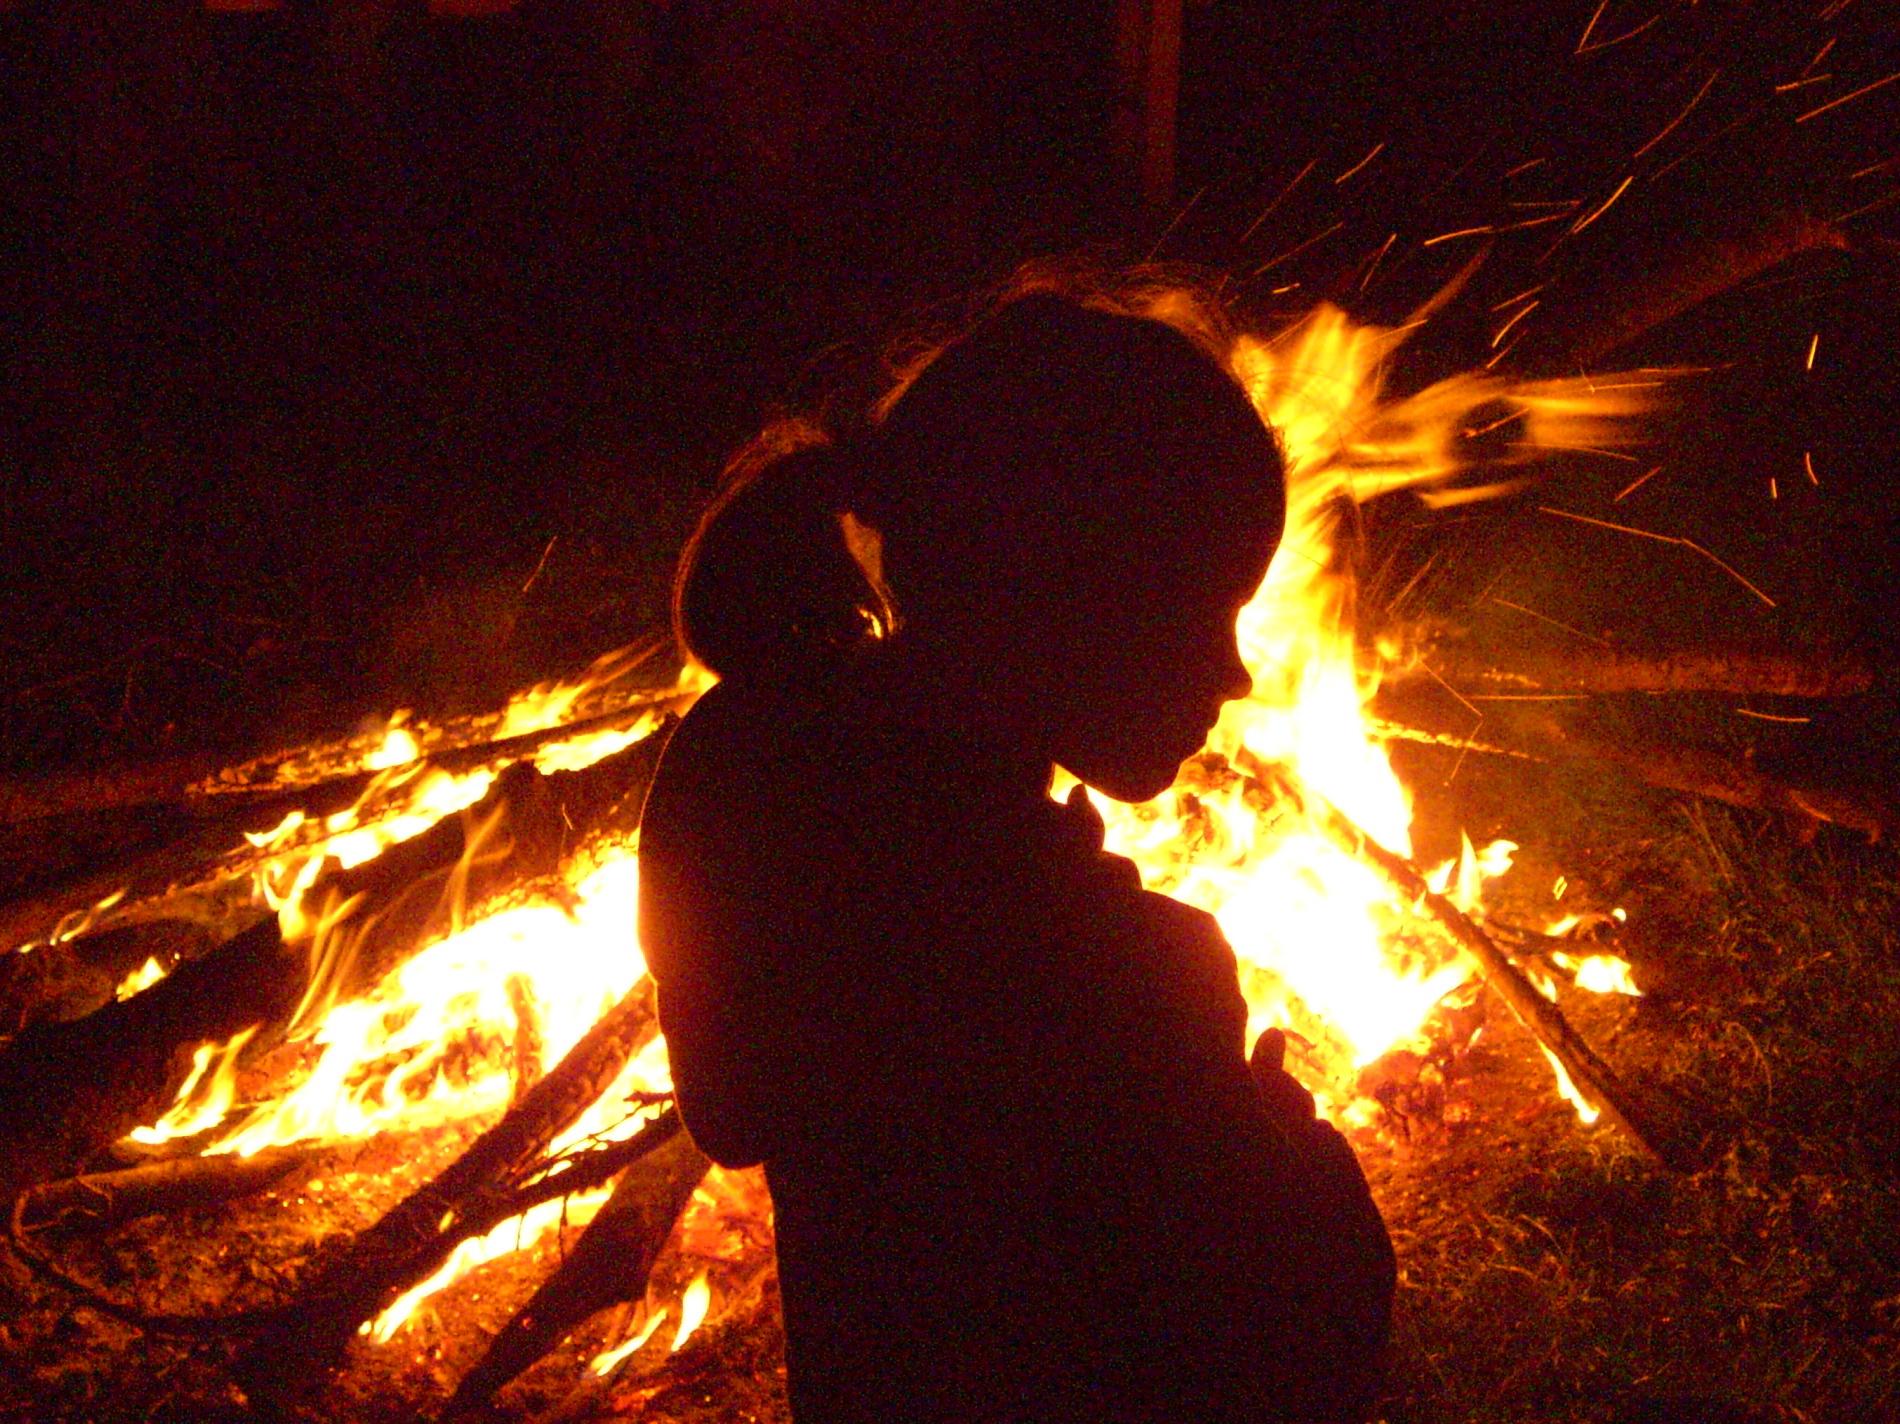 Campfire Child by  Rudi Schlatte via Flickr